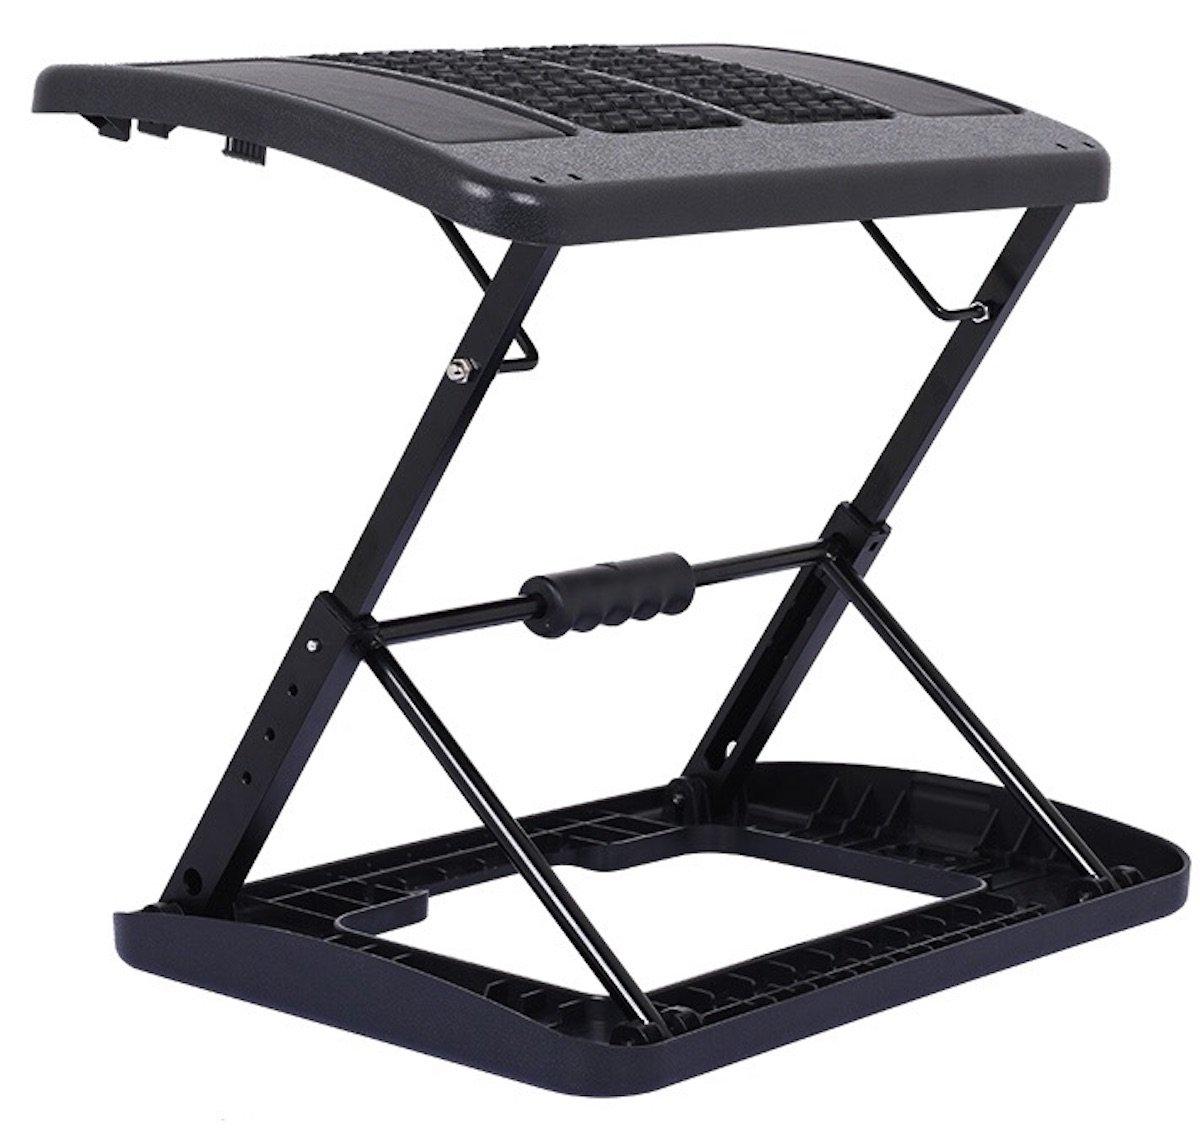 Adjustable Folding Footrest for Home Office, Or Under Desk Ergonomic Massaging Foot Rest (Footstool) (Massaging Adjustable) by HomeTown Market